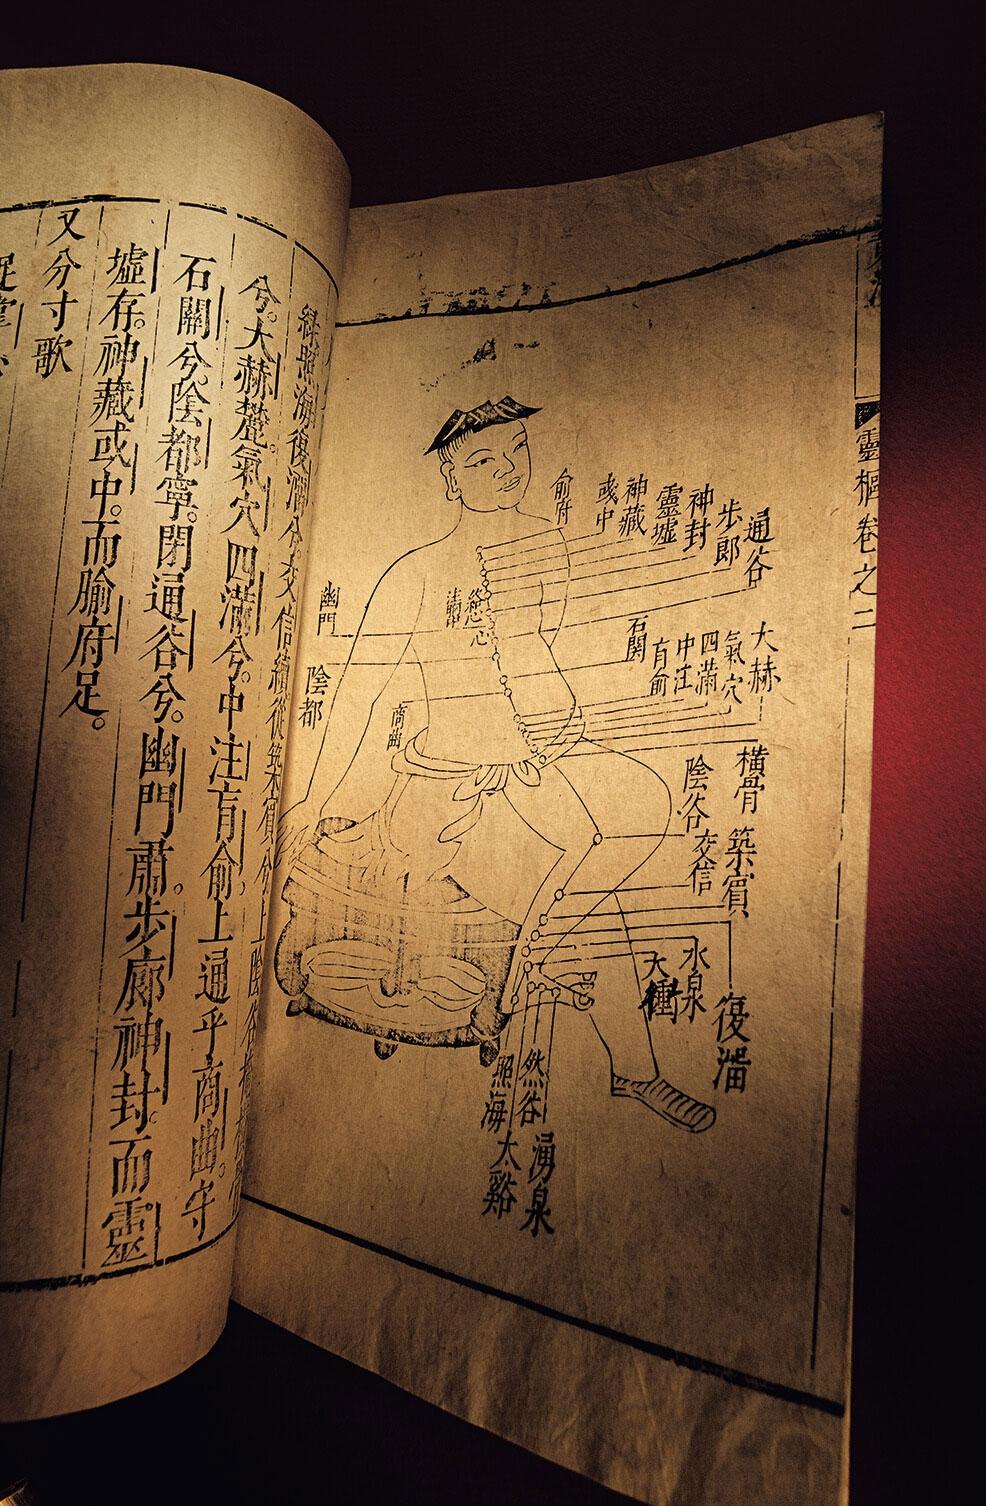 《黃帝內經》約在2100年前成書,此處的版本出自1620年,內含氣脈與針灸穴位圖。針灸在西醫之間仍是飽受爭論的議題,不過許多醫生都同意針灸對某些症狀效果很好。 | PHOTOGRAPHED AT U.S. NATIONAL LIBRARY OF MEDICINE